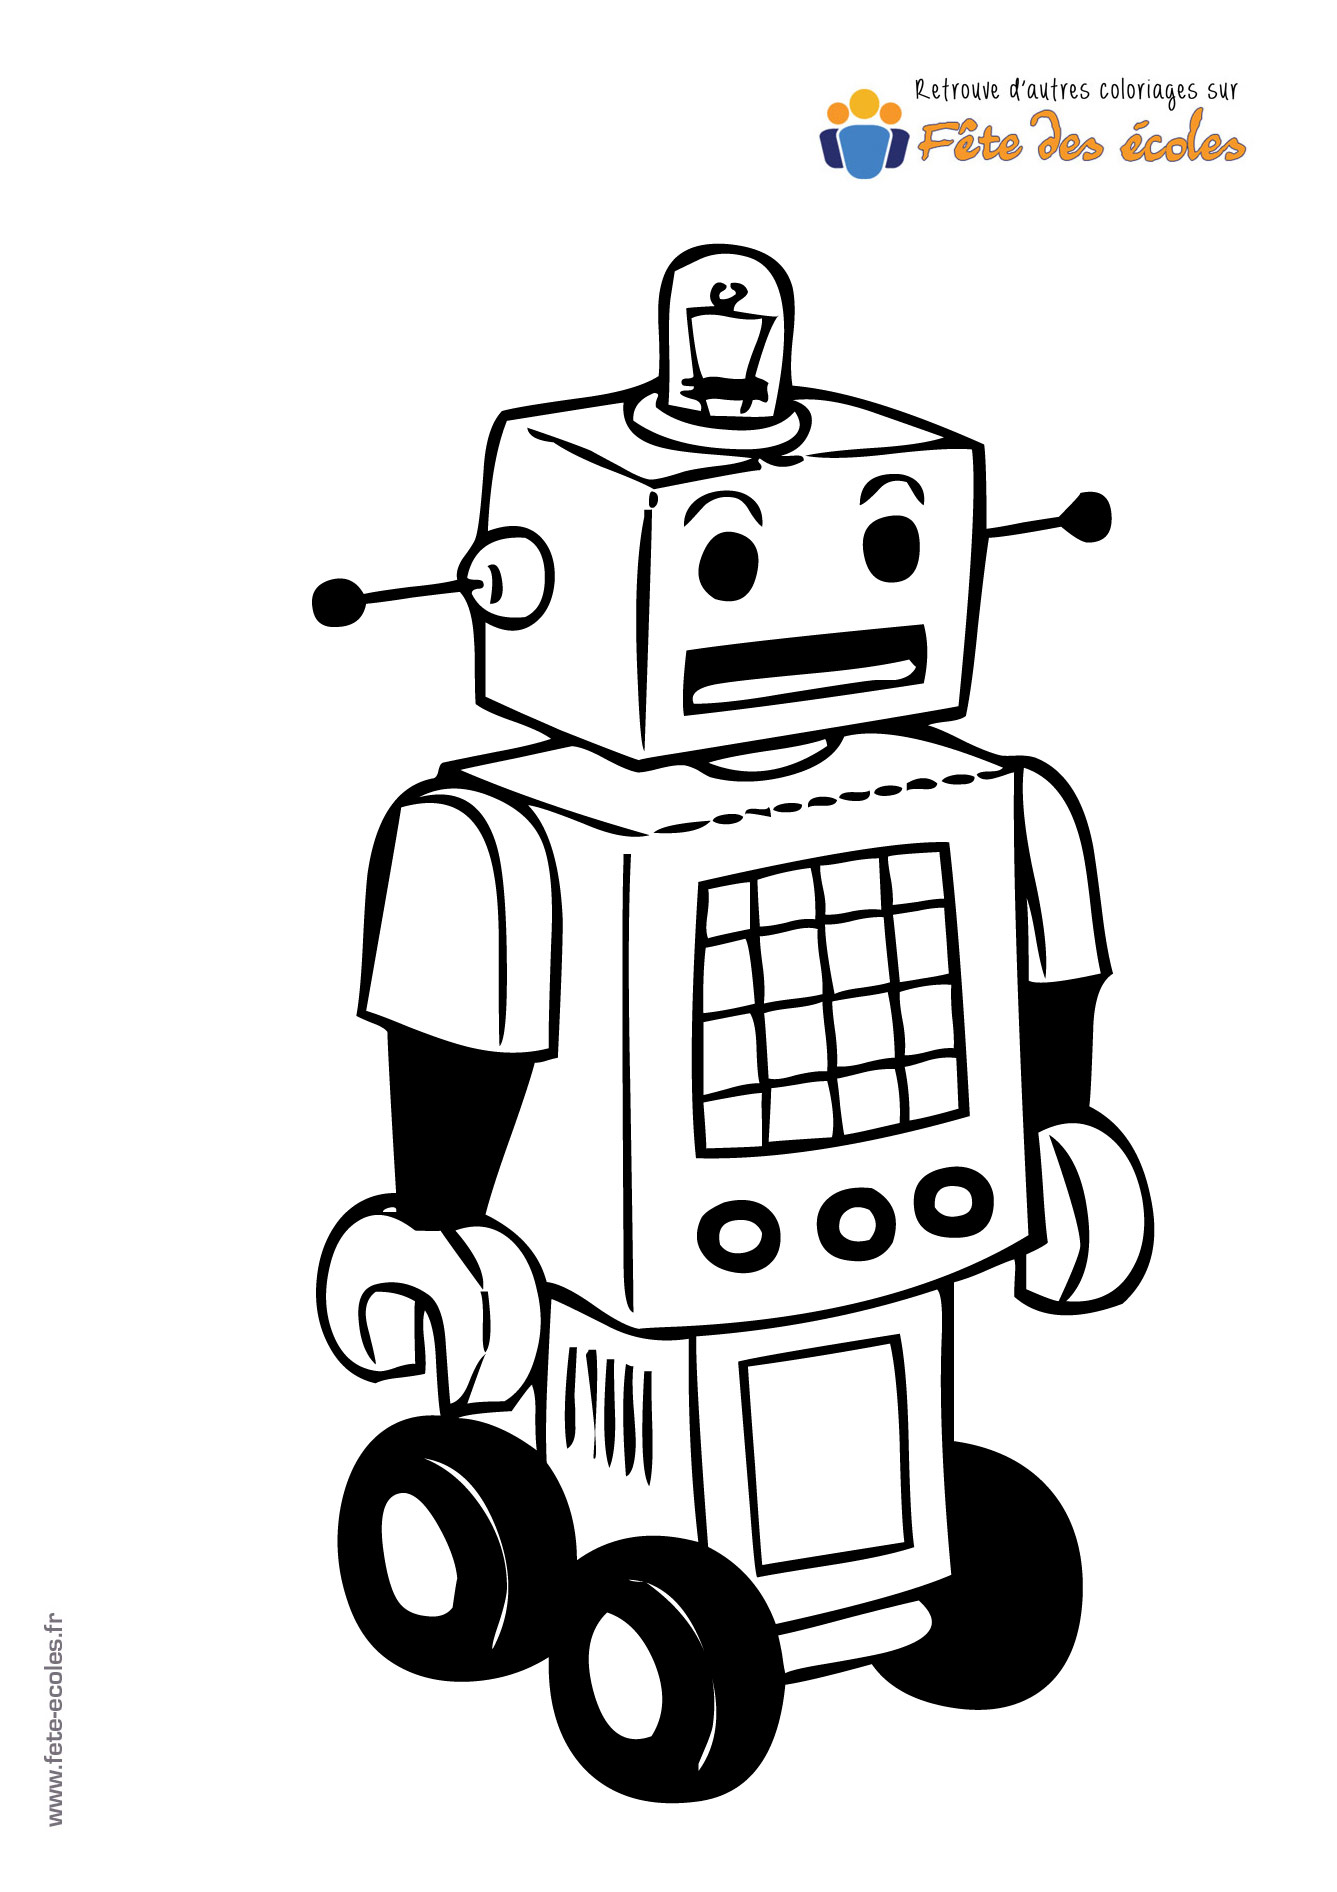 Coloriage Robot Fille.Coloriage D Un Robot A Roulettes